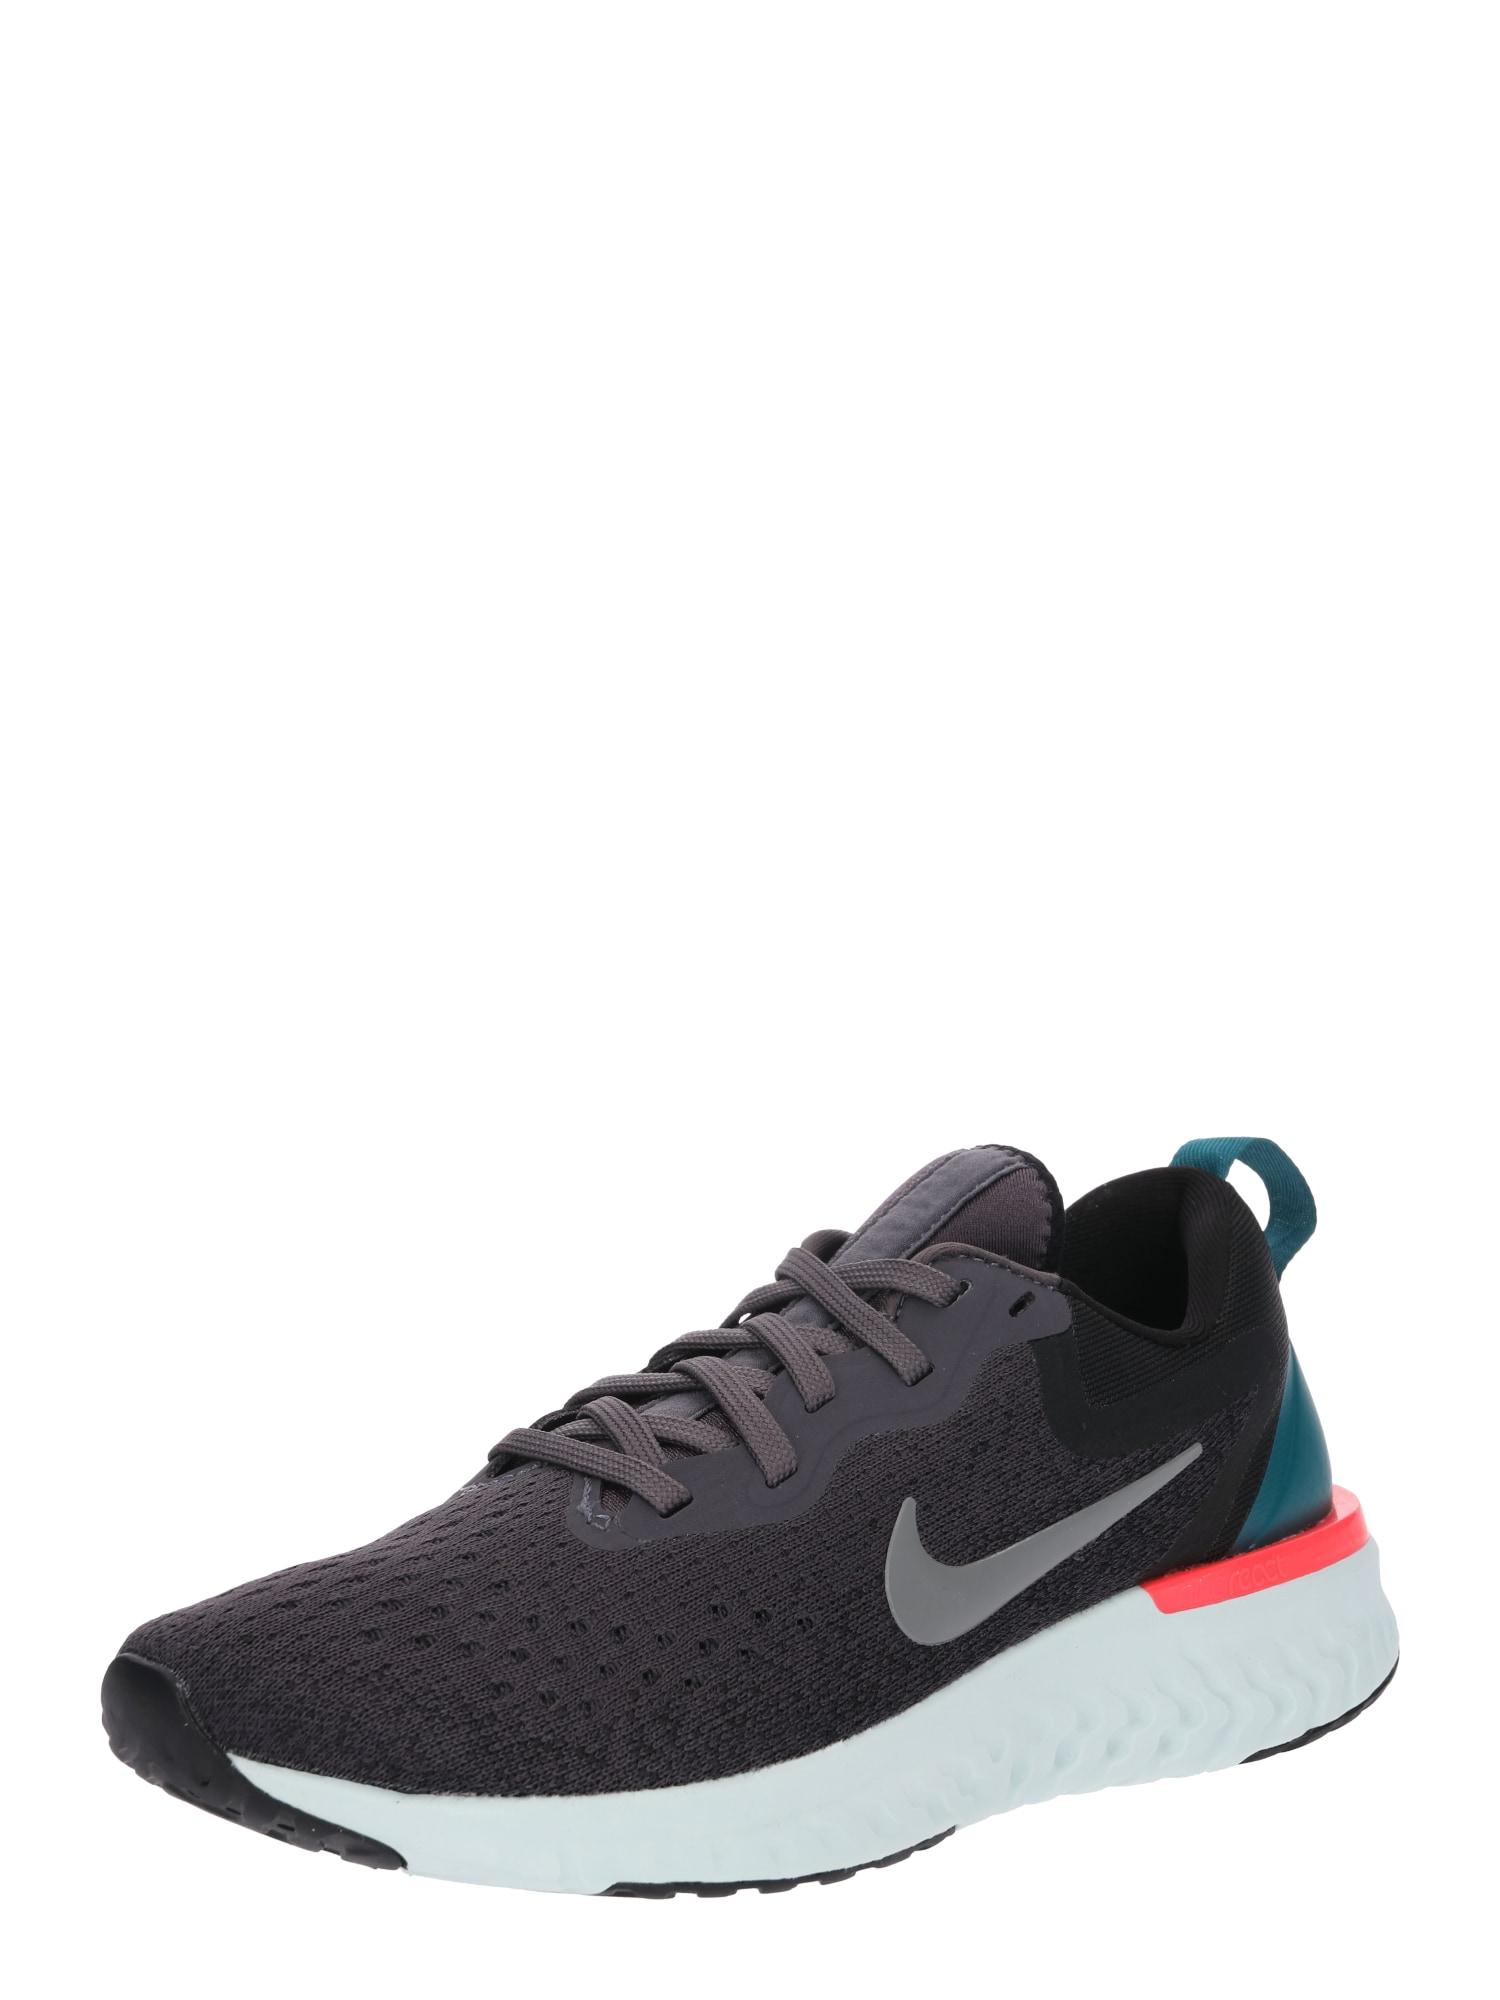 Běžecká obuv ODYSSEY REACT modrá pink černá NIKE